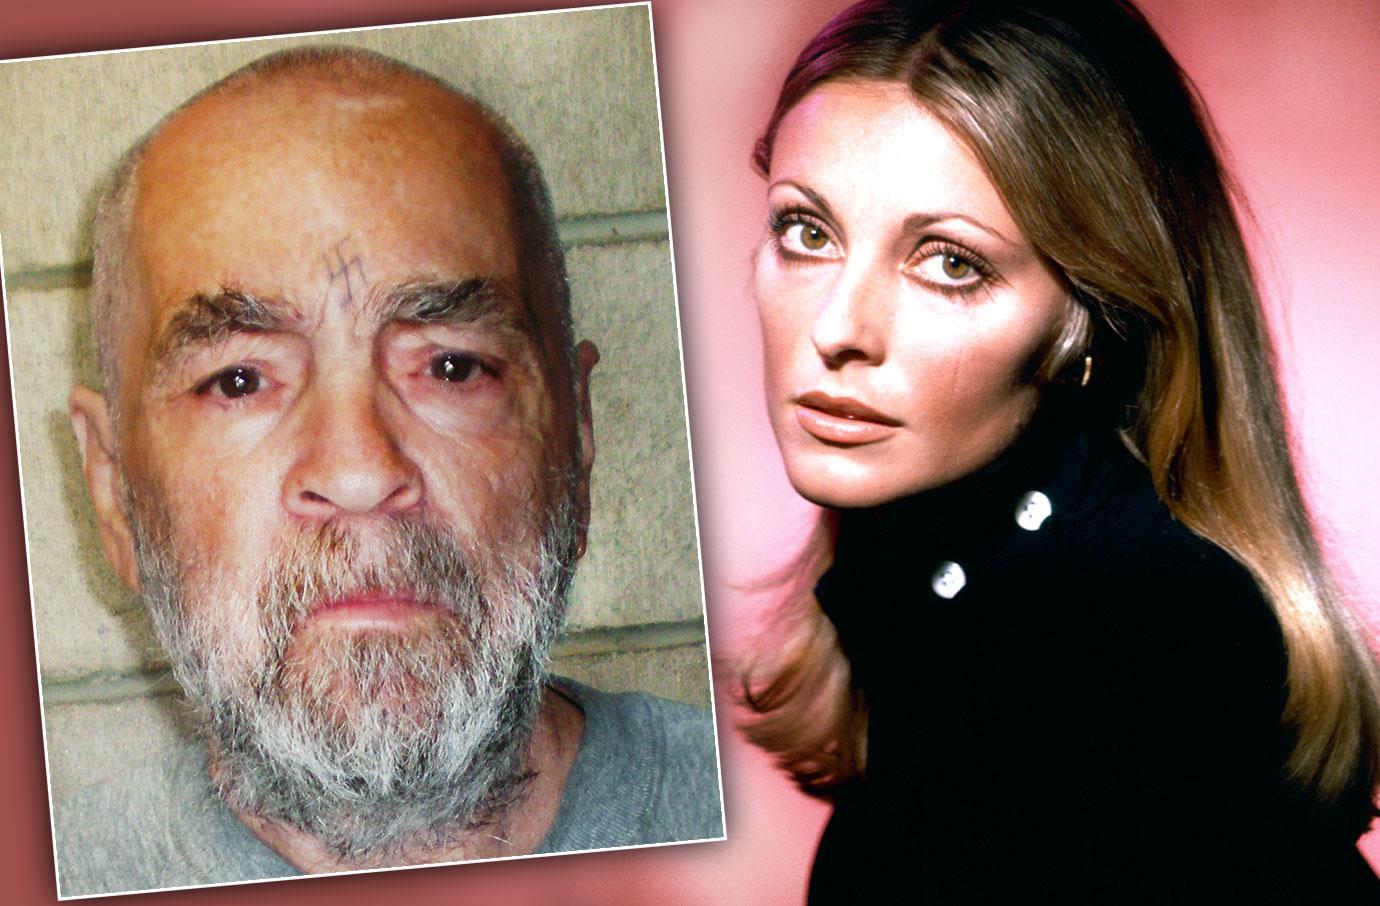 Sharon Tate Murder and Charles Manson New Movie